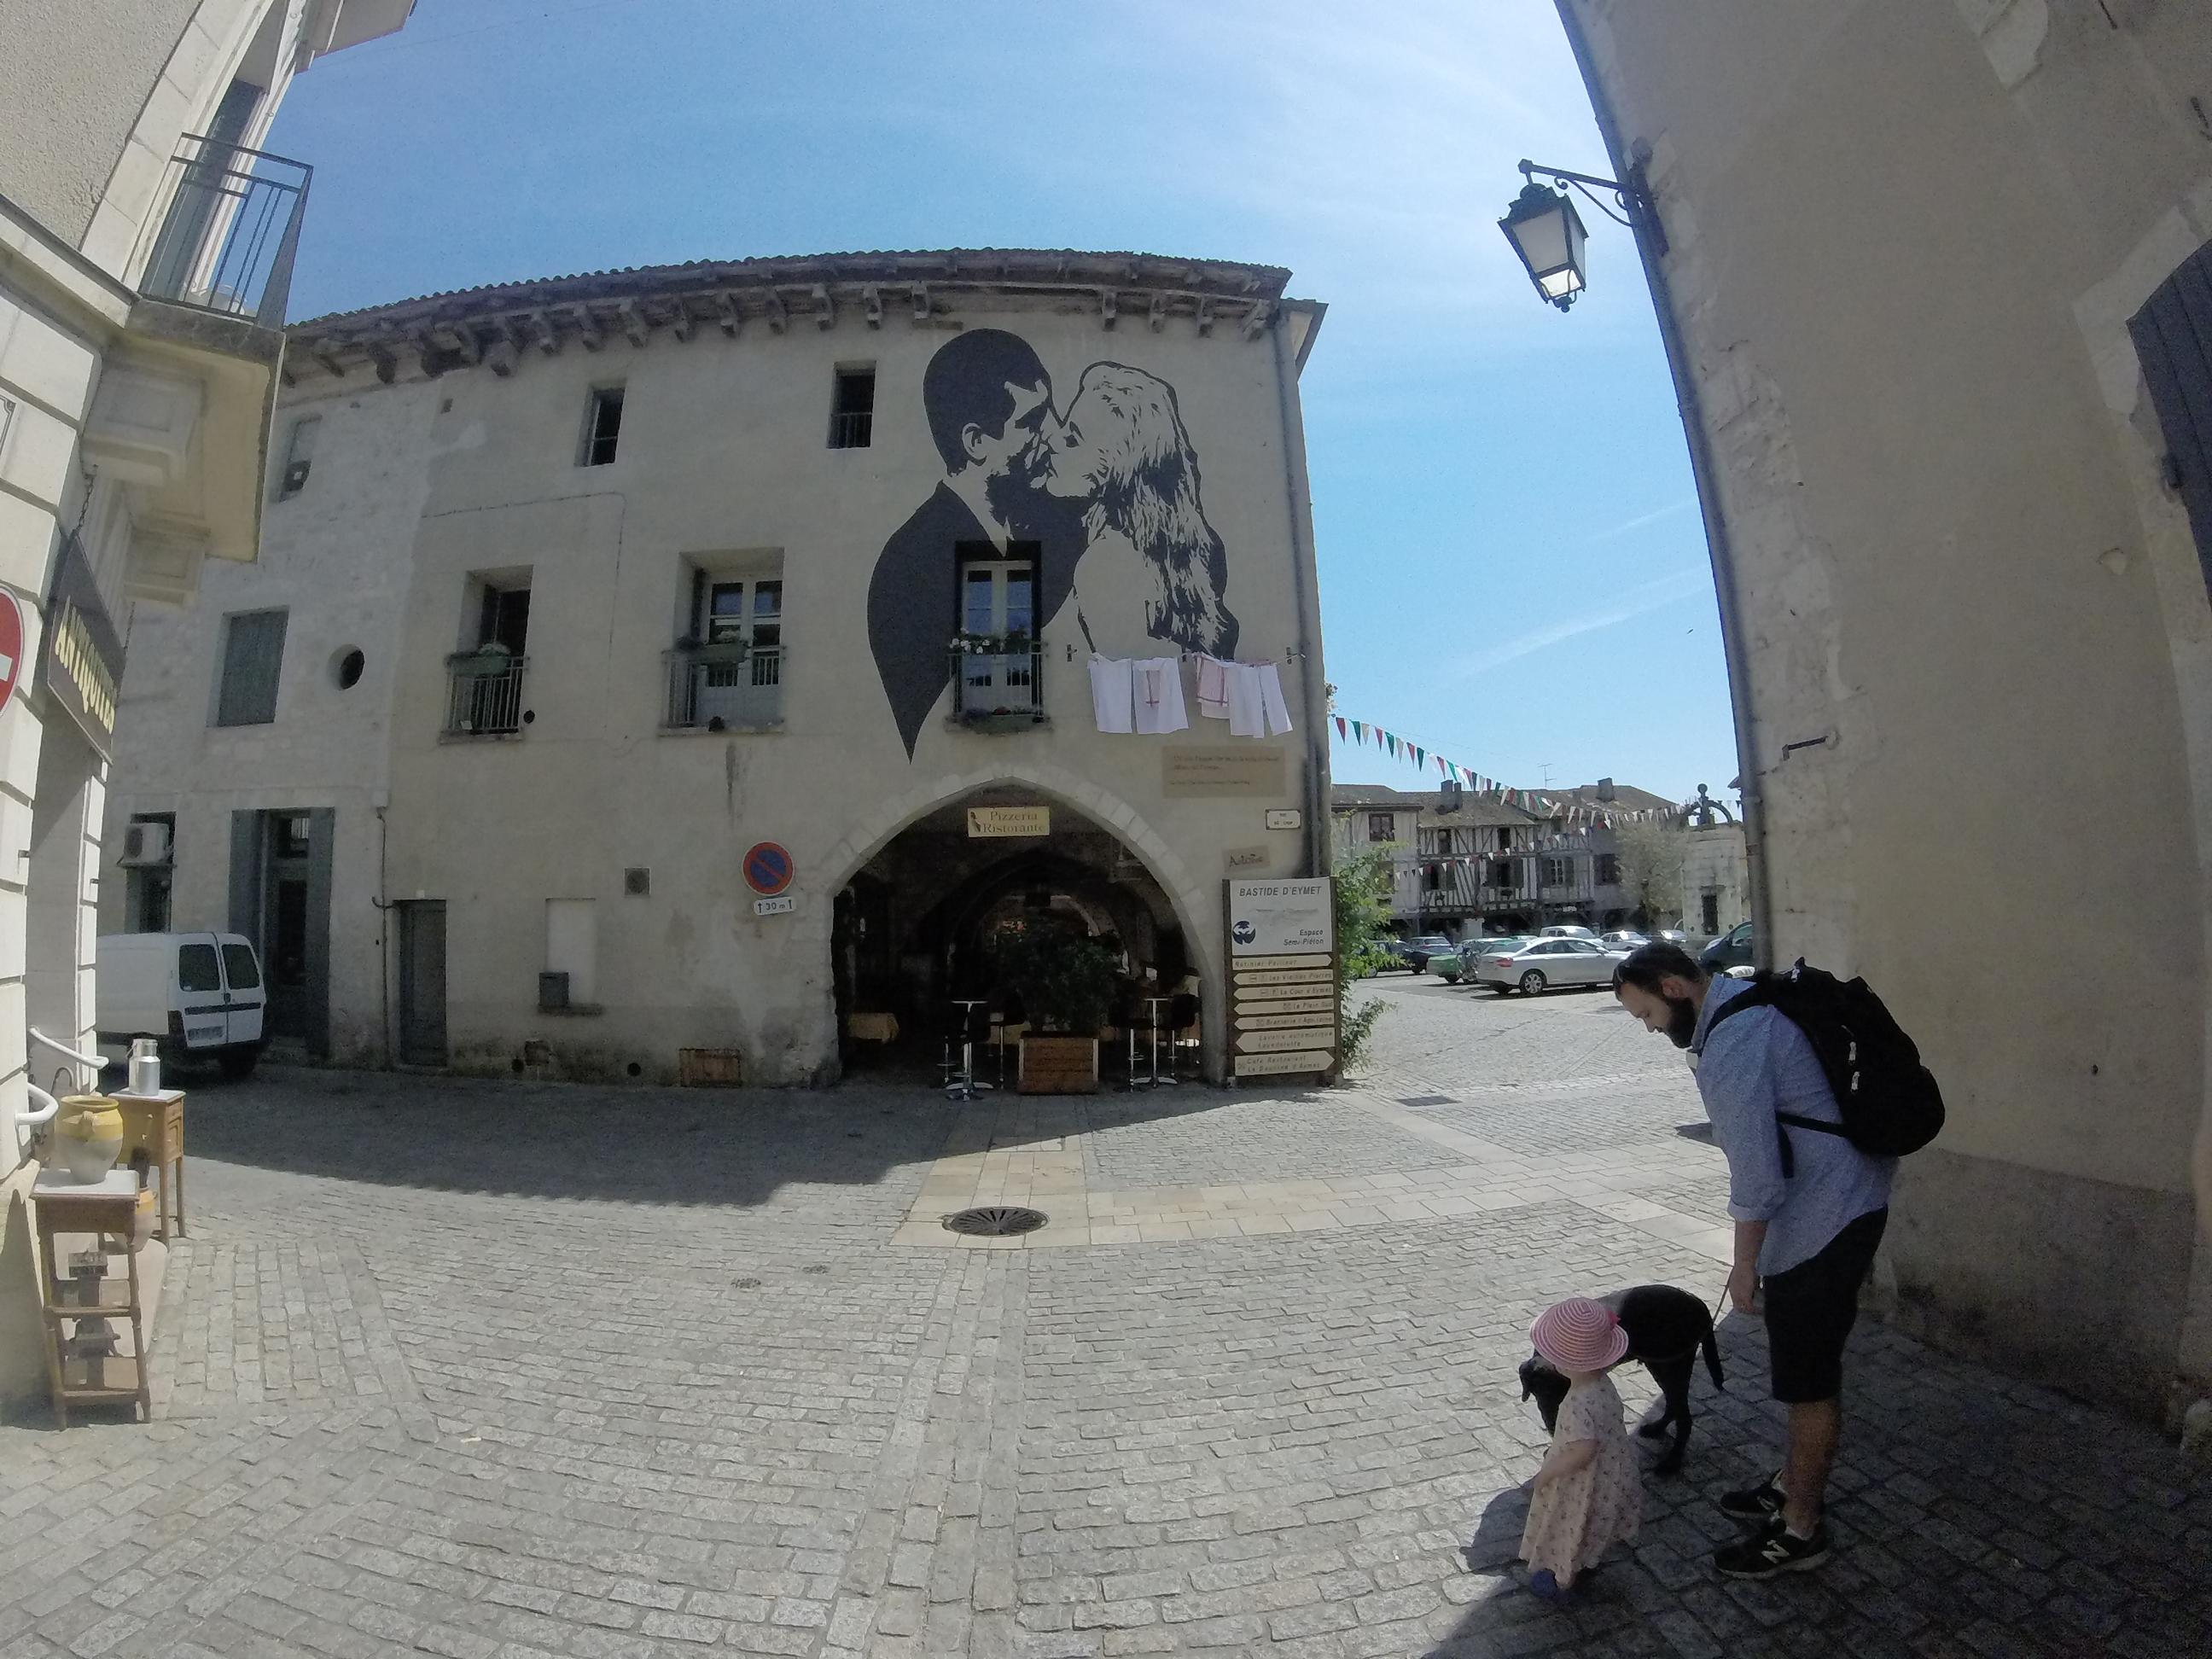 Eymet Square, Aquitaine, France